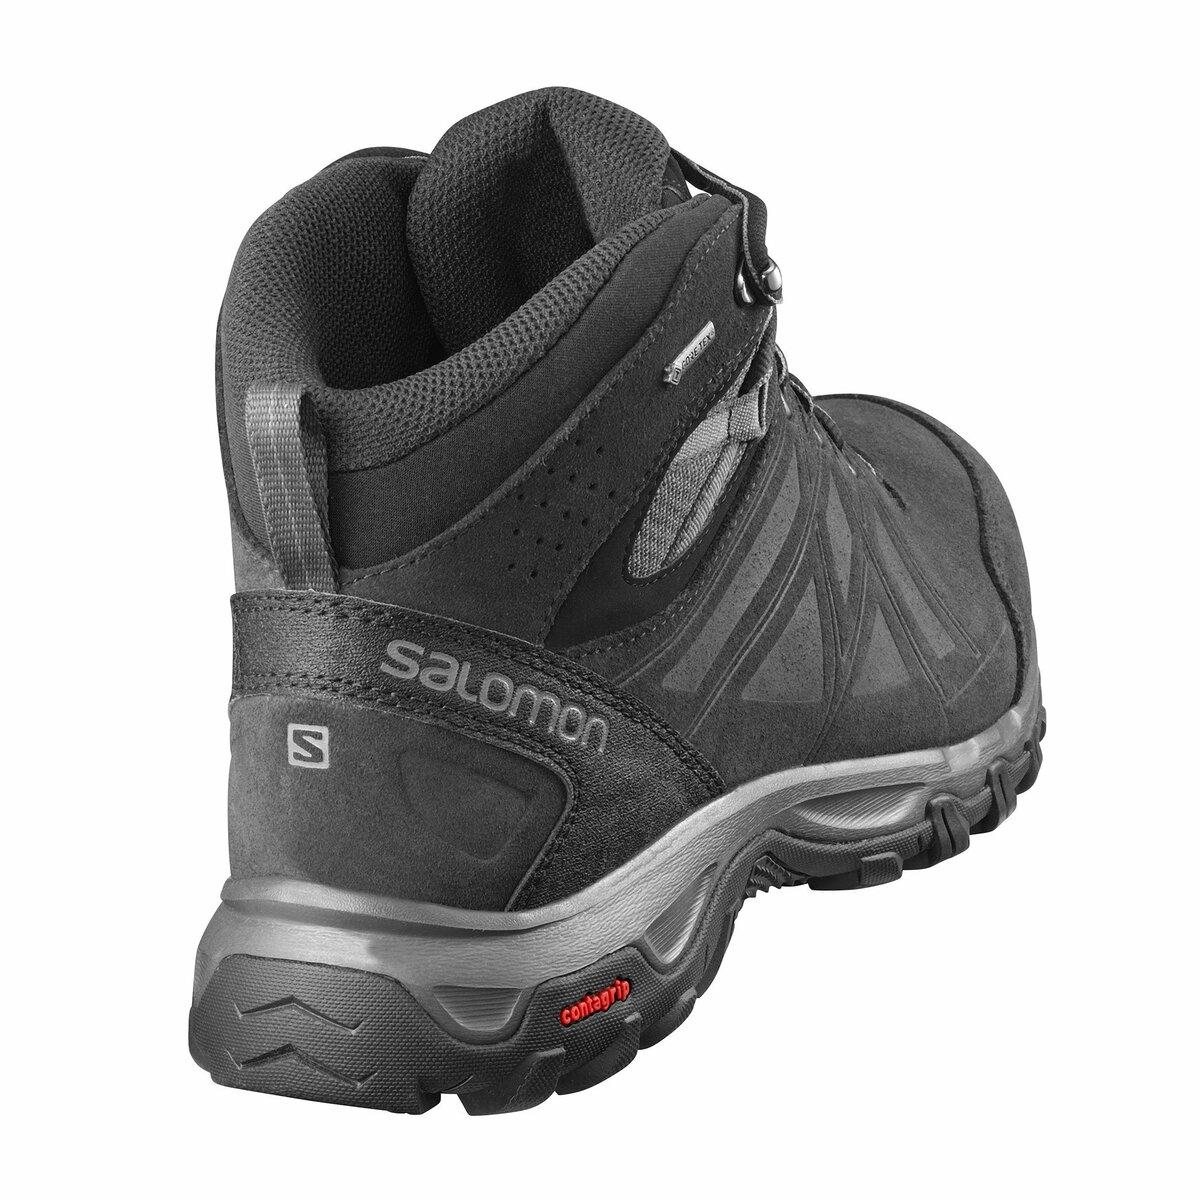 Зимние ботинки Salomon в СтаромОсколе